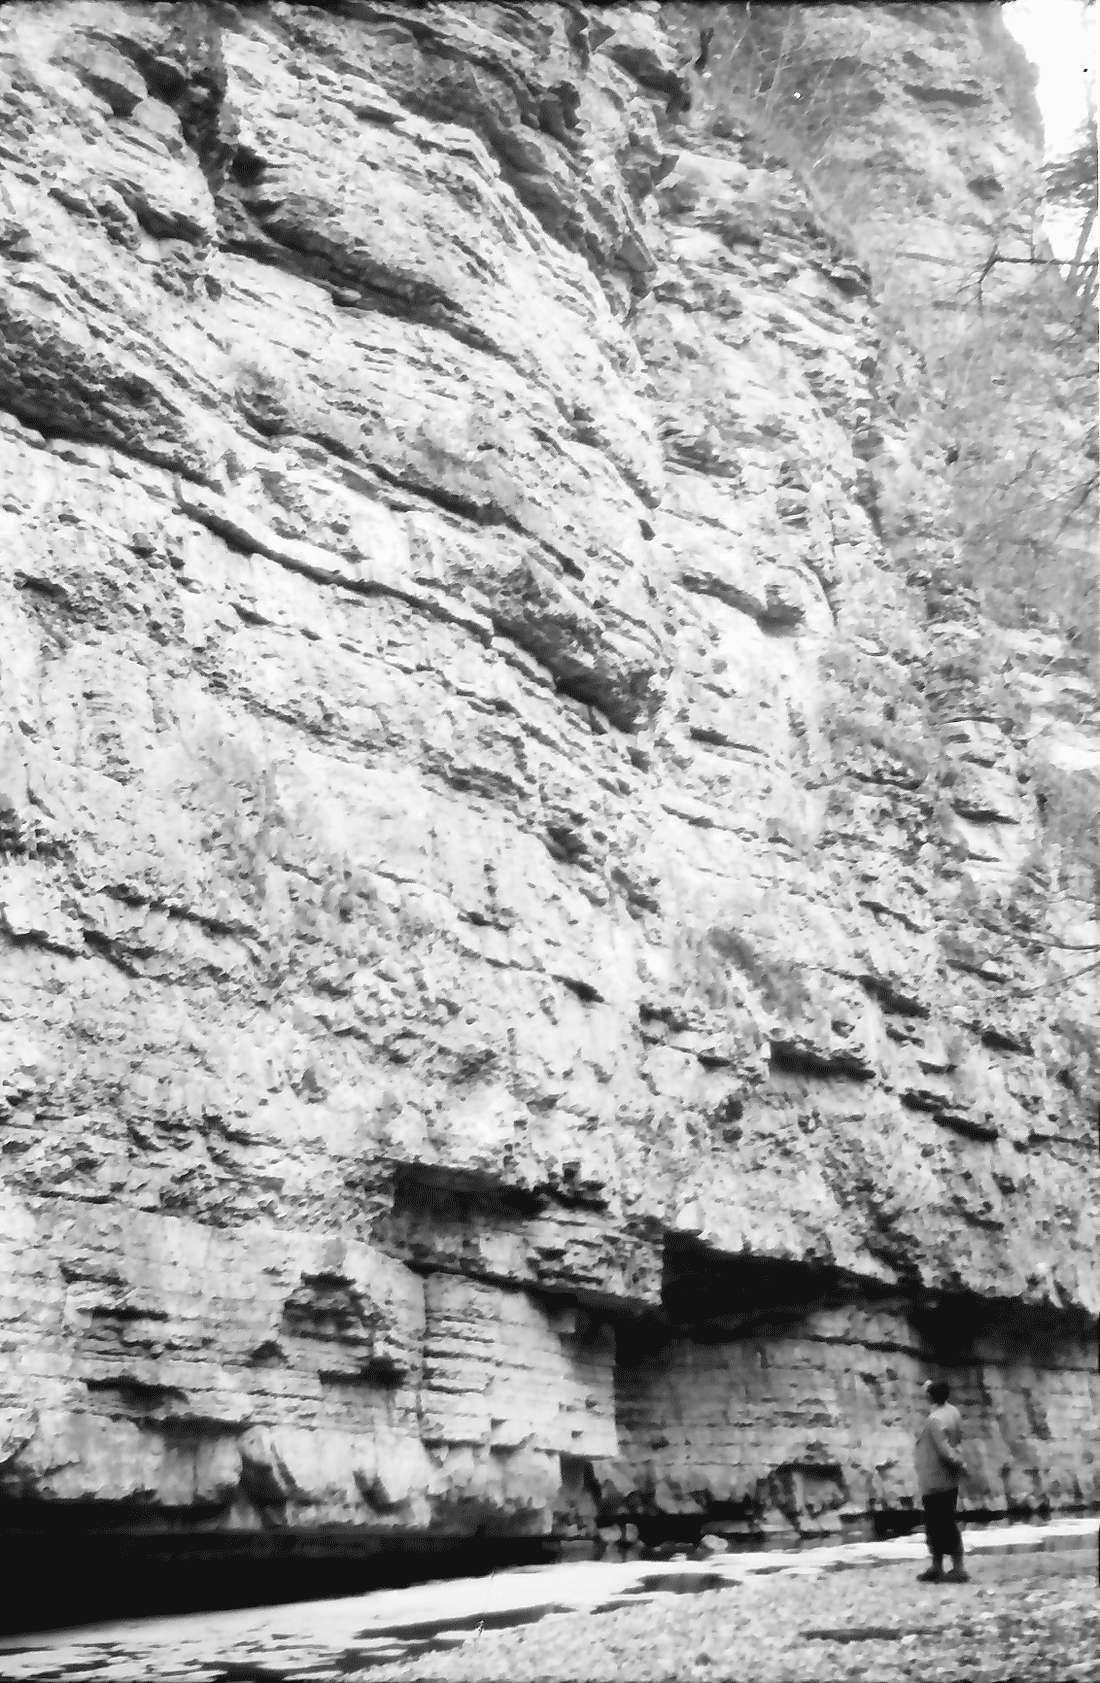 Münchingen: Wutachschlucht an der Felswand auf der Höhe Münchingen, Bild 2